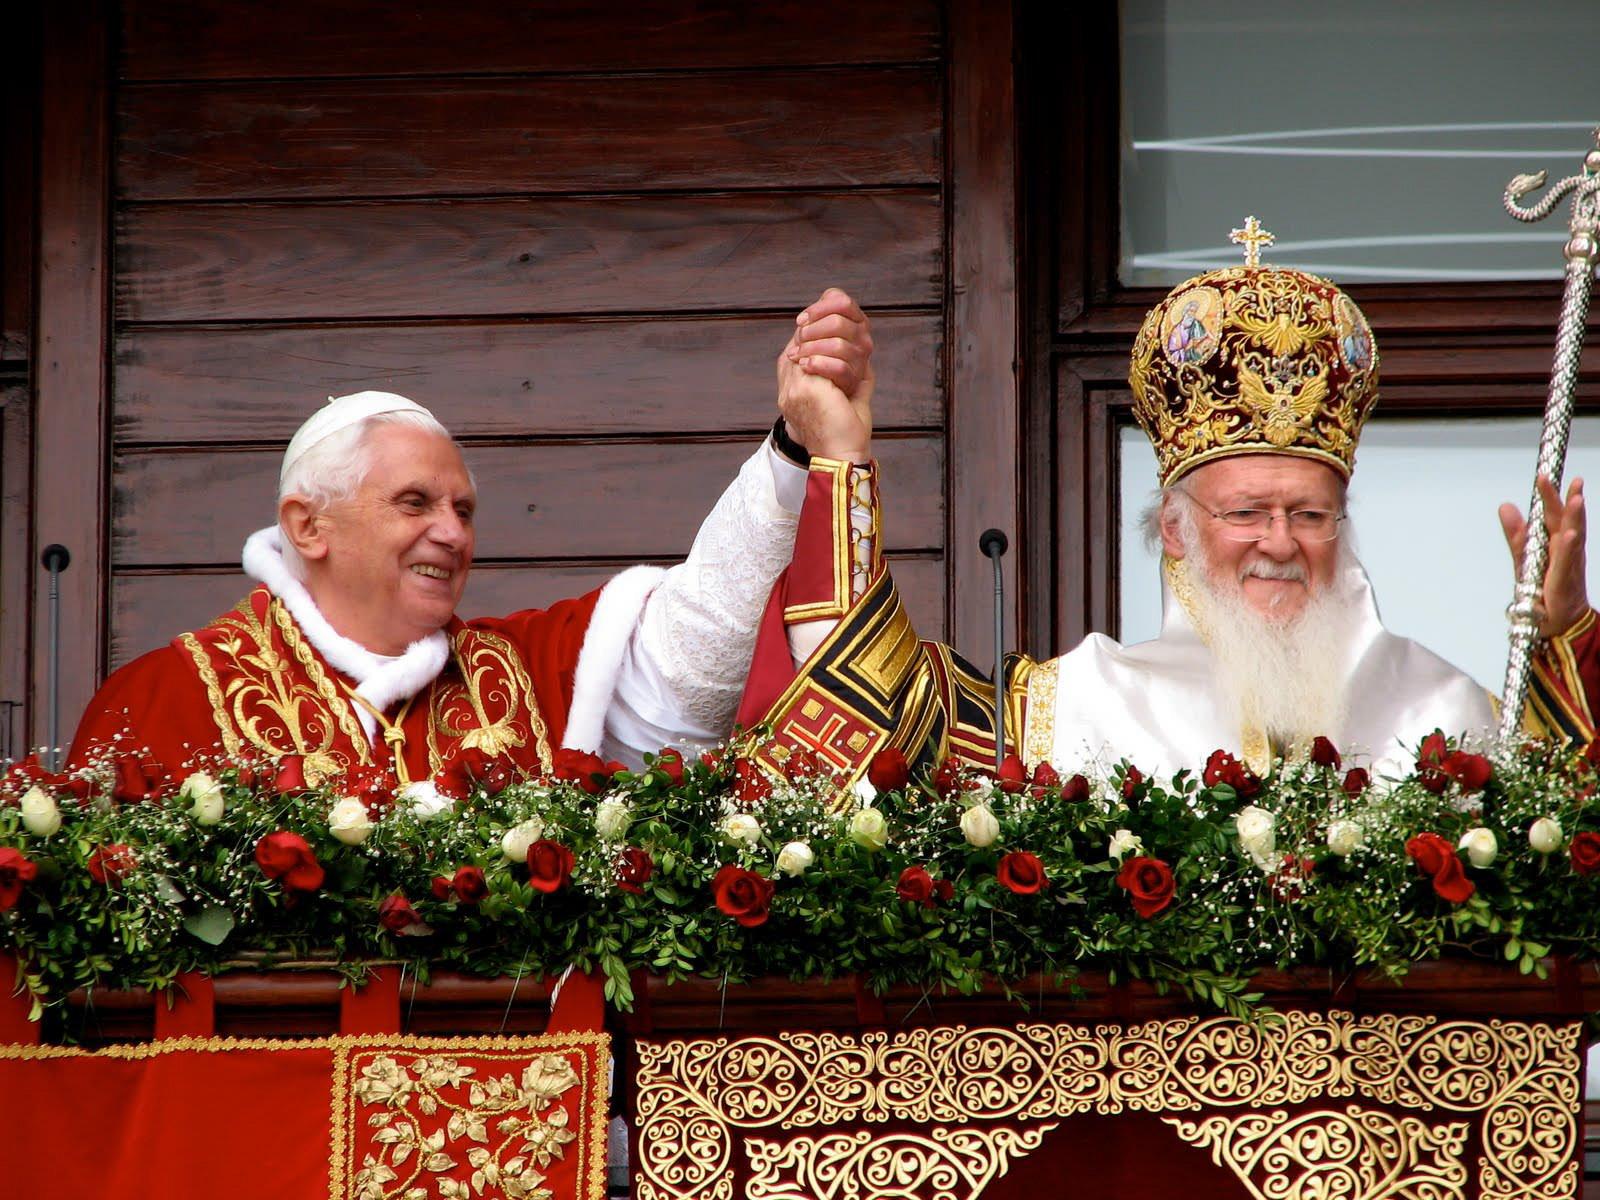 Pope Benedict XVI: Christian Unity